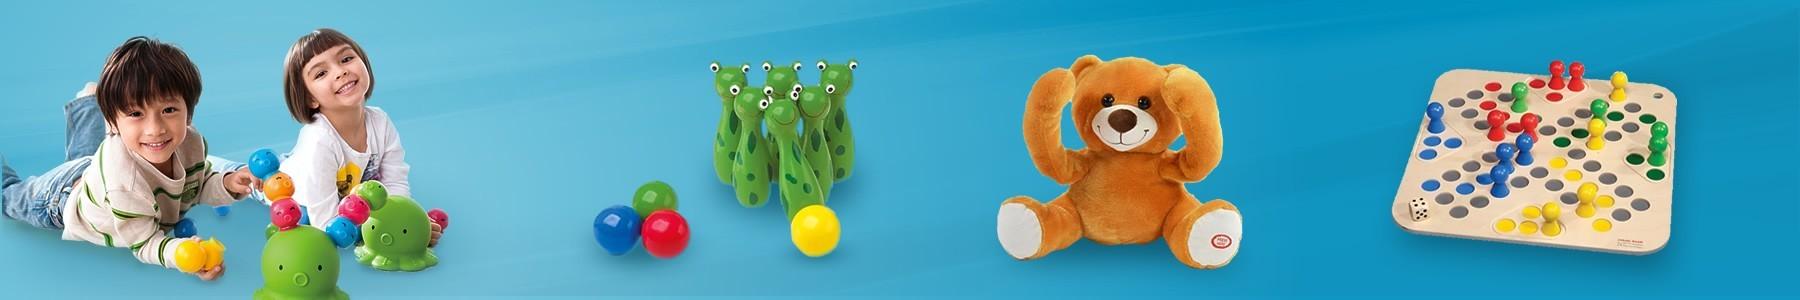 Spielwaren Online |  Kinderspielzeug | Spiel & Spaß im Onlineshop